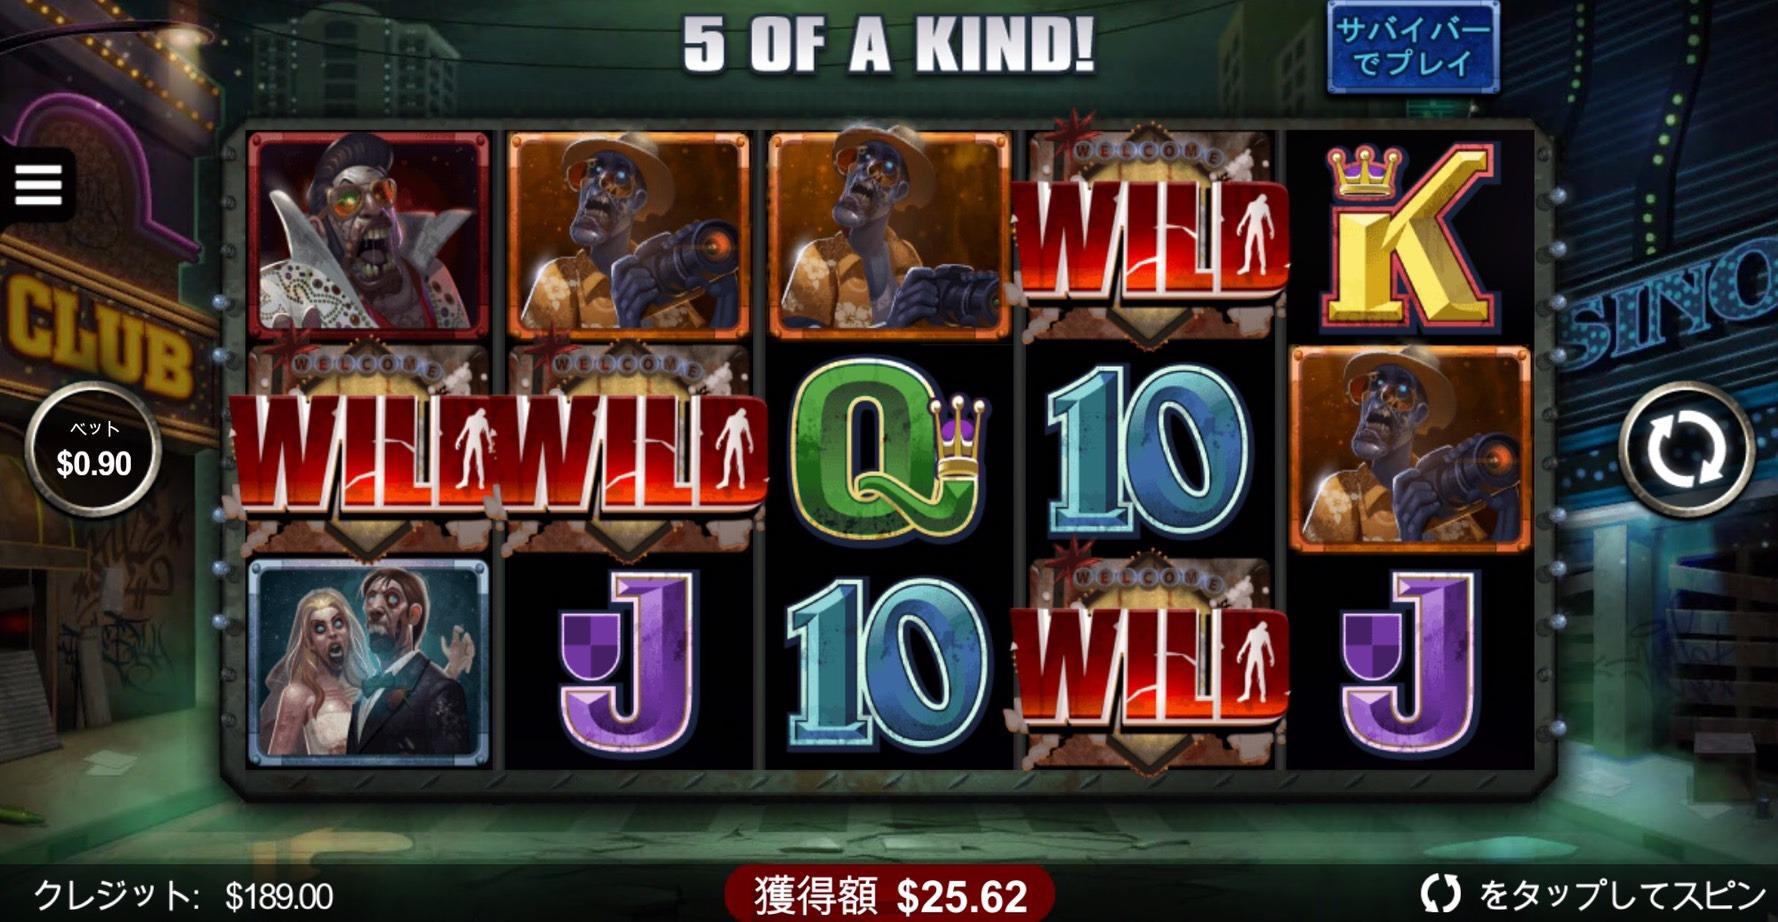 オンラインカジノジャックポットシティカジノのスロットでロストベガスプレイする写真